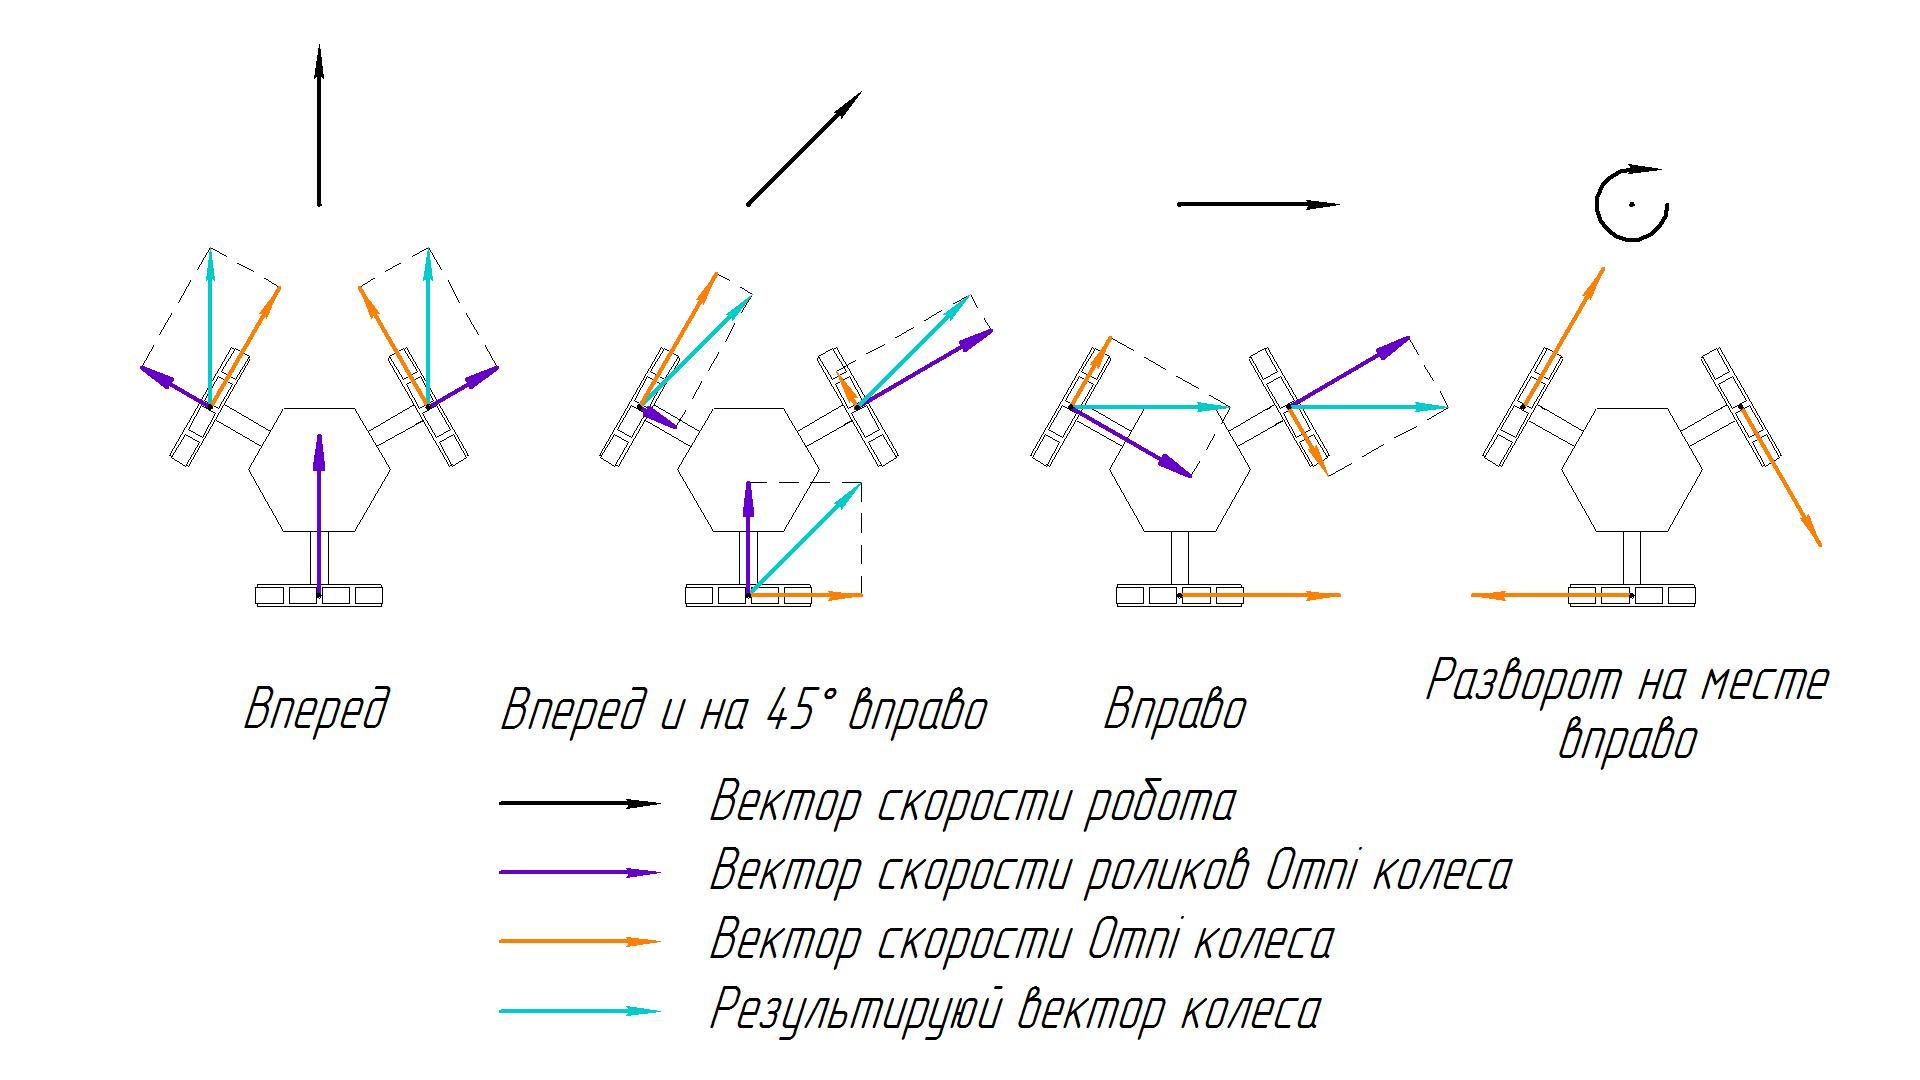 part_1_ru_robot_drive_5_scheme_1.png